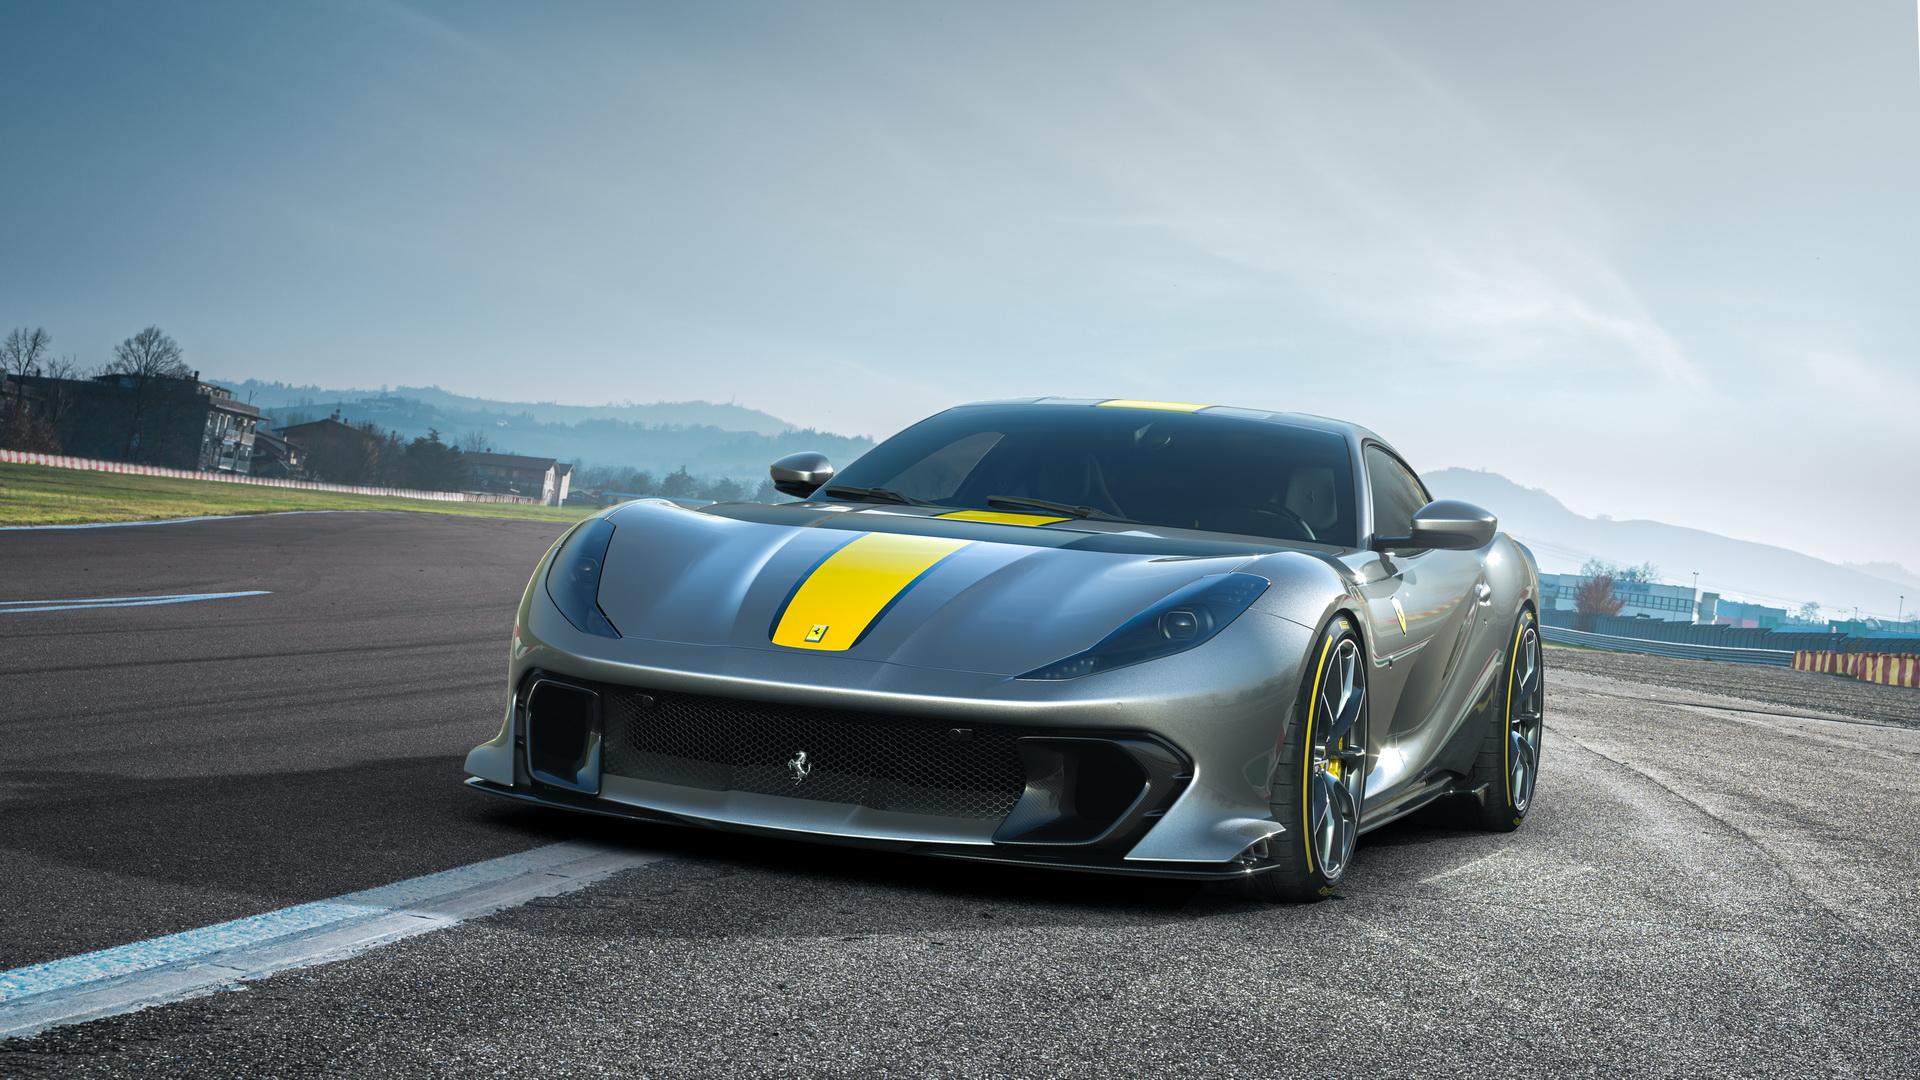 Најавен најмоќниот V12 суперавтомобил на Ferrari / ФОТО